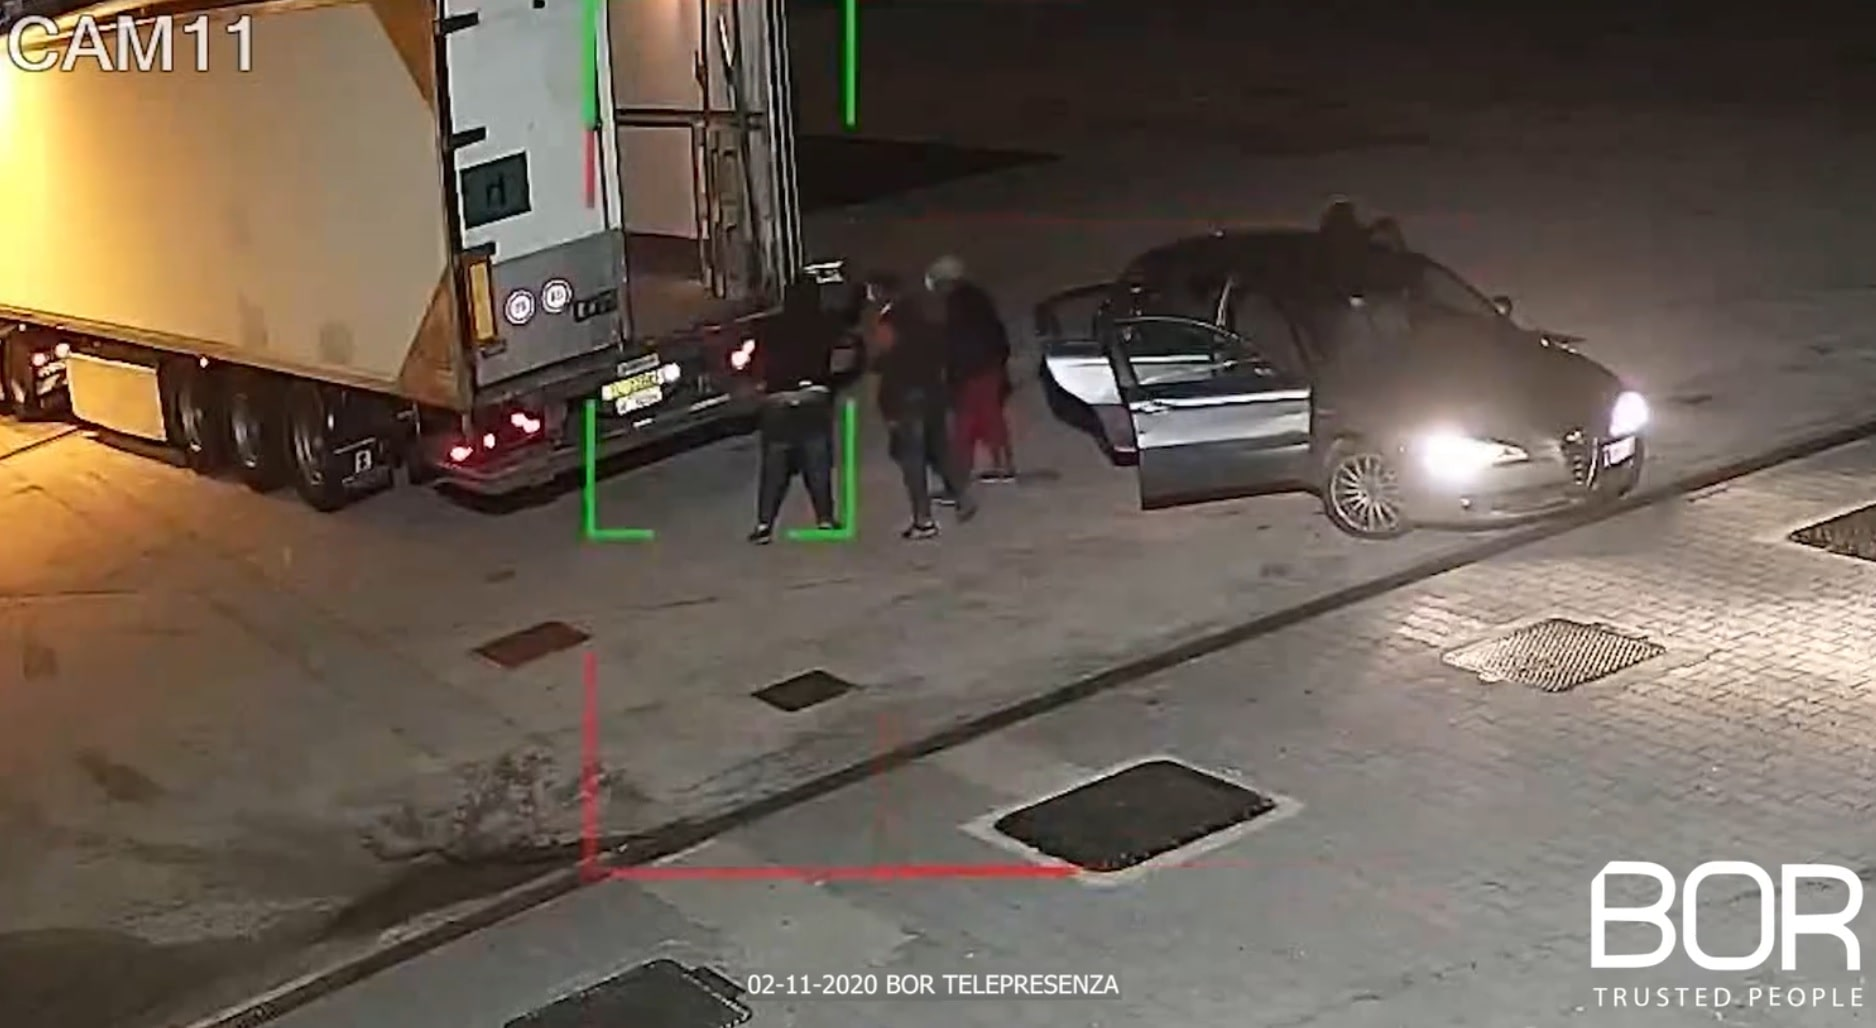 Ladri all'assalto del mezzo parcheggiato nell'area di sosta del distributore Barbato Francesco S.A.S.!